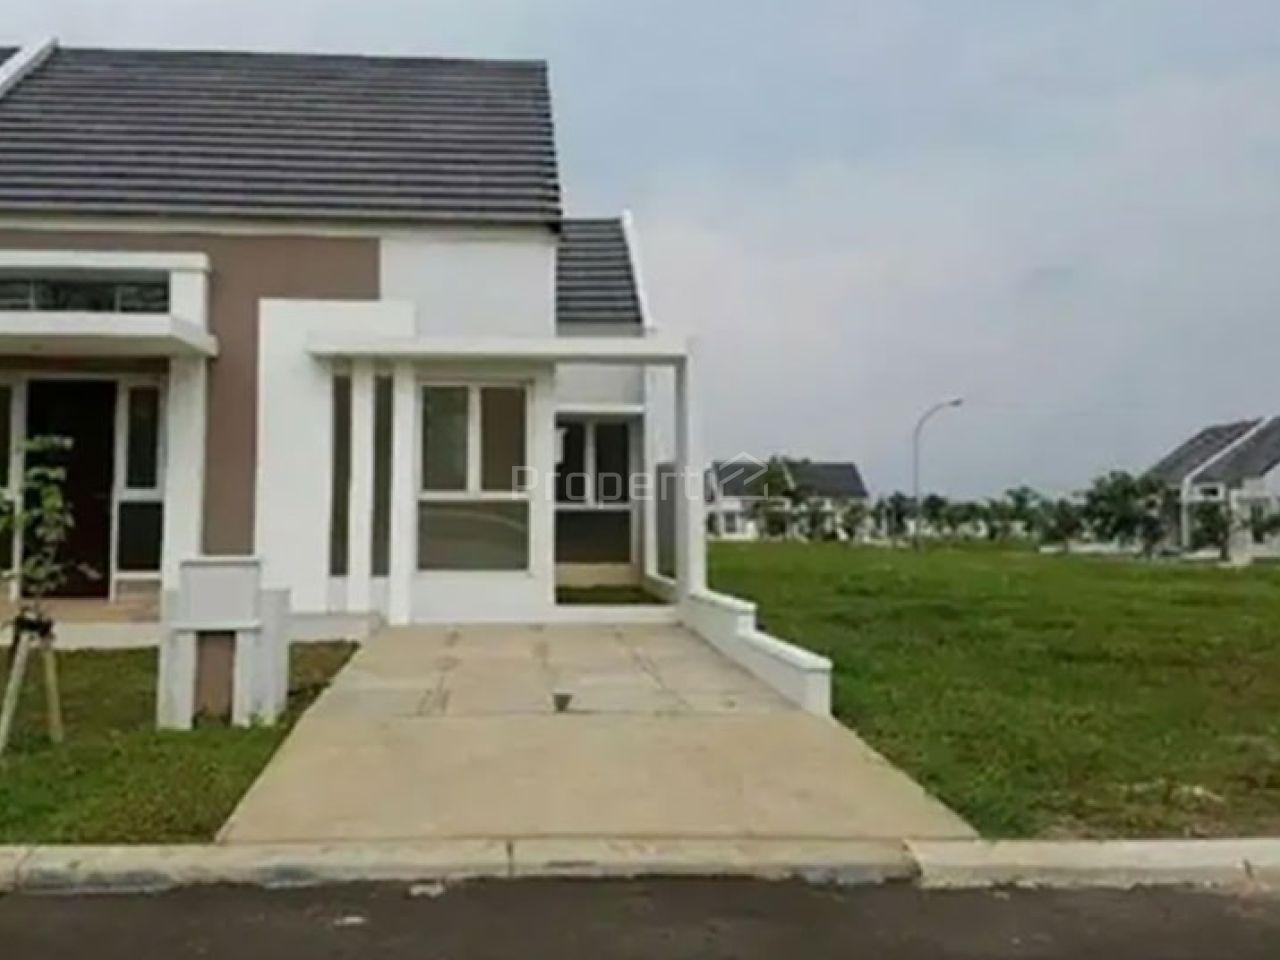 New House at Suvarna Sutera, Tangerang, Banten